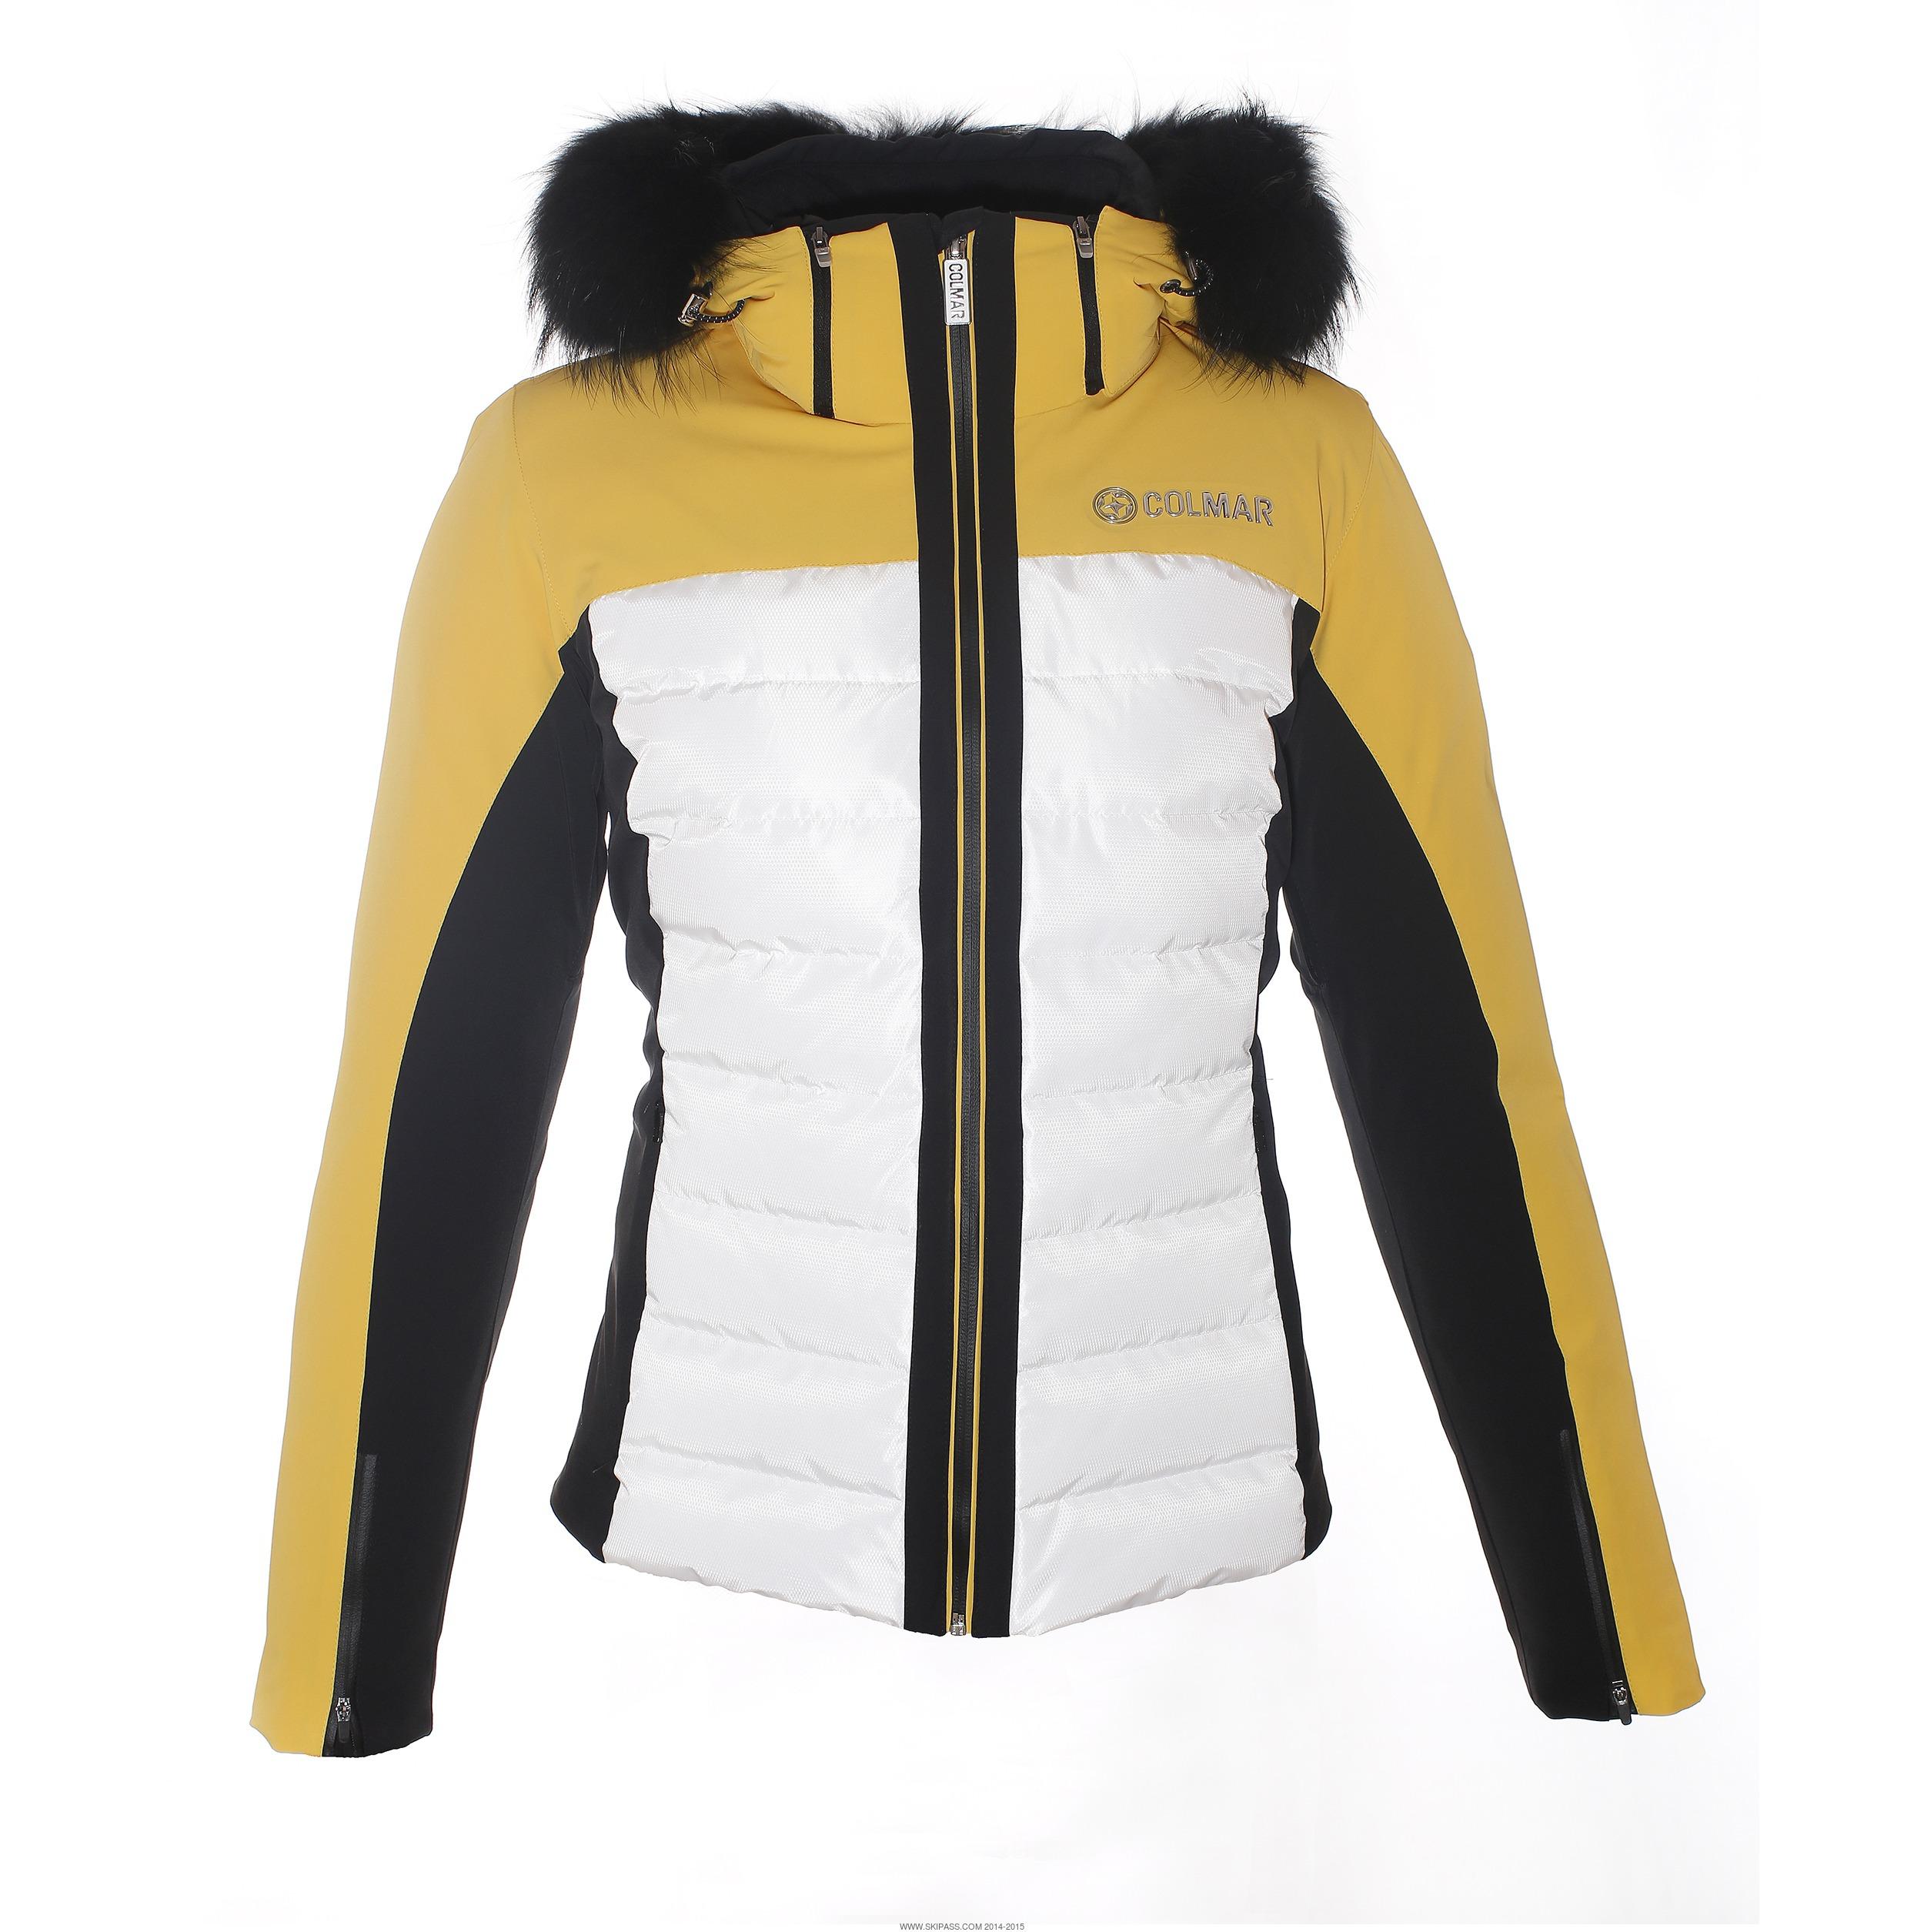 Veste ski colmar jaune